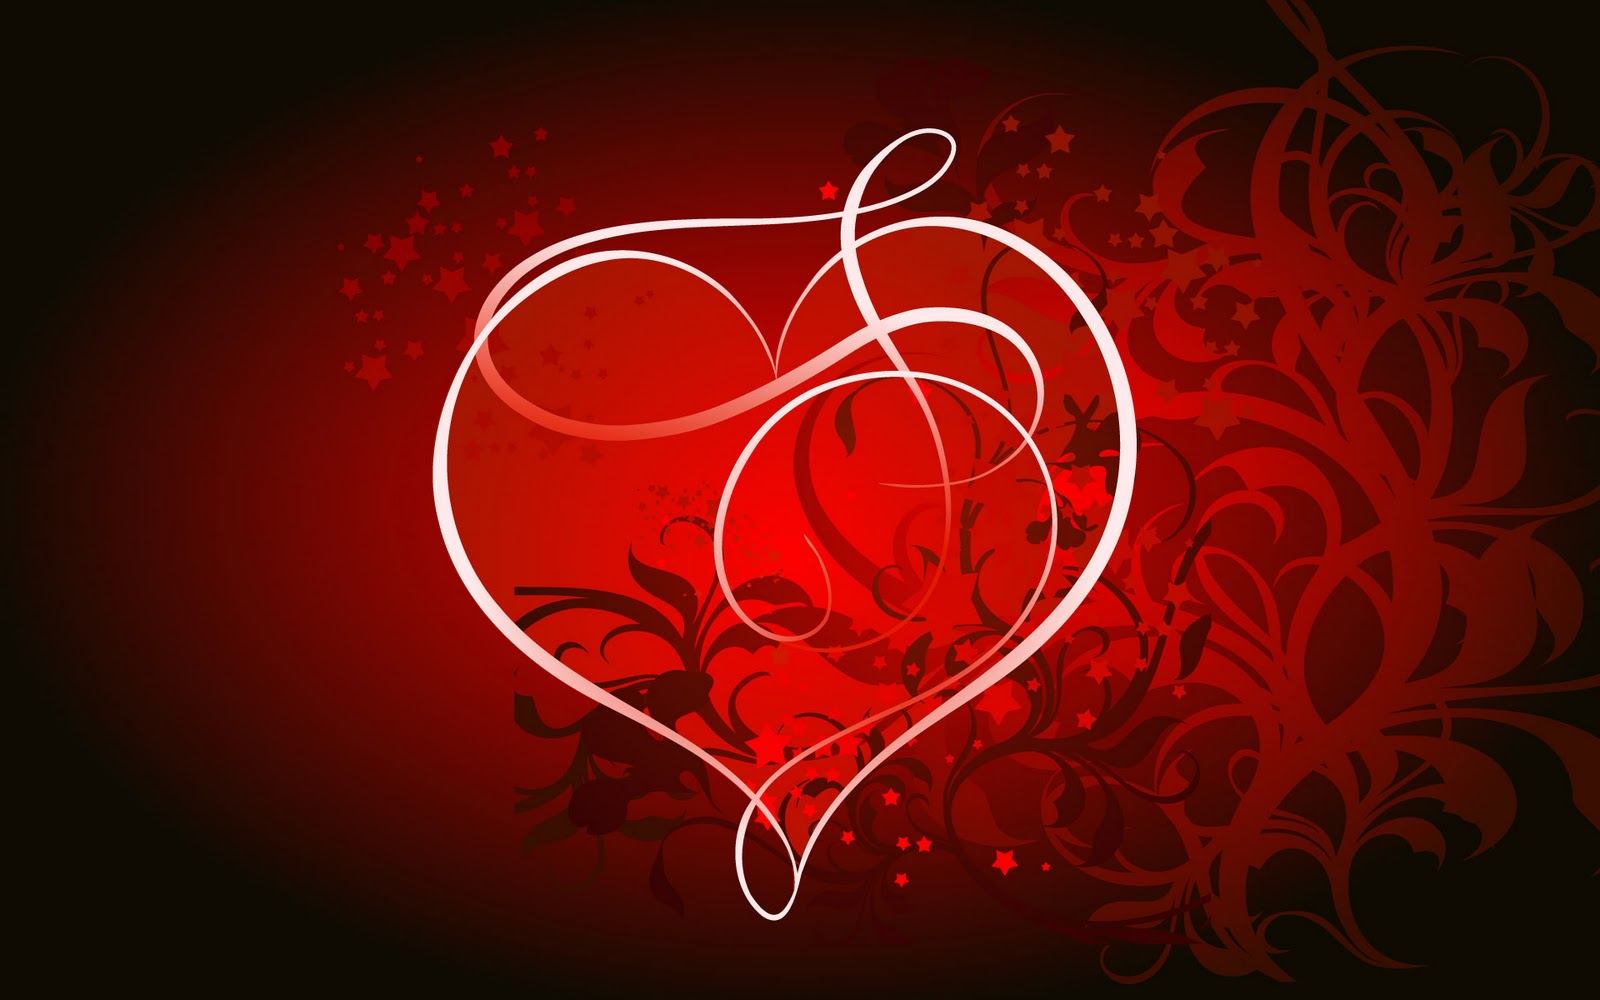 http://1.bp.blogspot.com/_v5h2qxDB1io/TTfrKRXQ-MI/AAAAAAAABao/iSLni-NvzGw/s1600/Valentine%252527s%2BDay%2B%2525287%252529.jpg